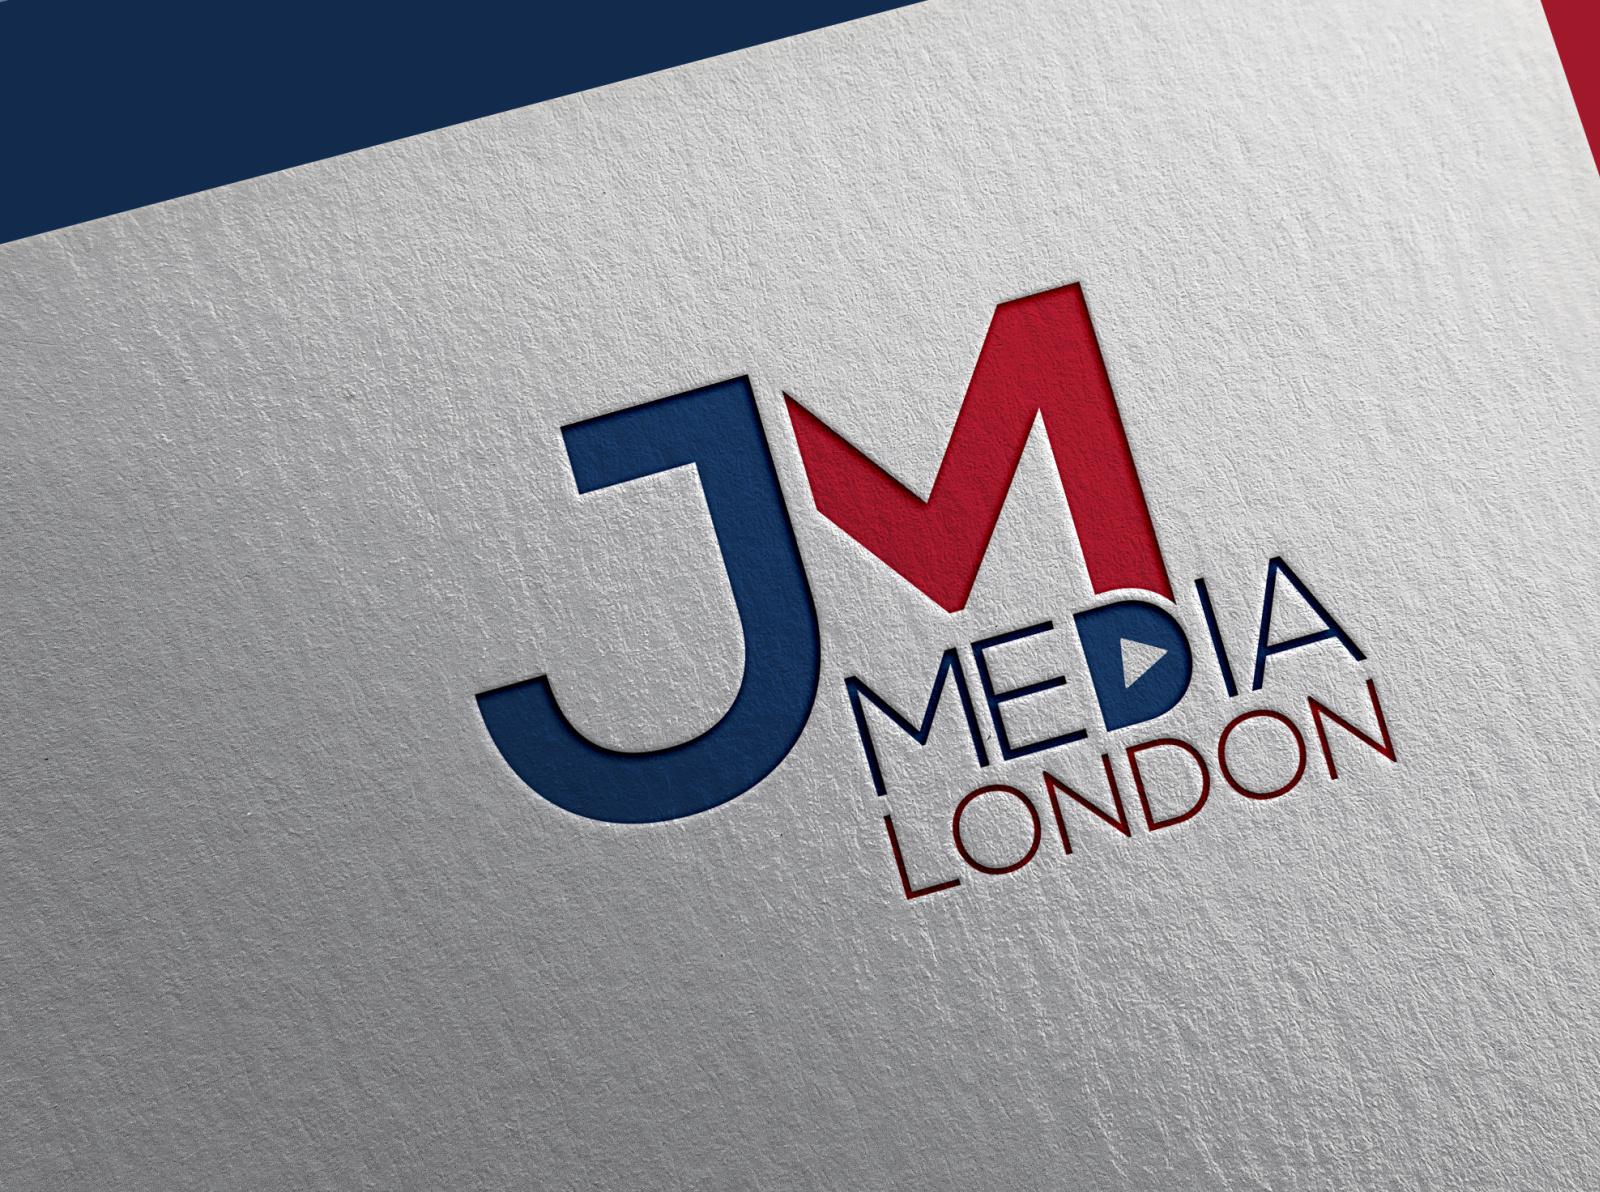 jm media london logo by Ebad Bin Siddik on Dribbble.